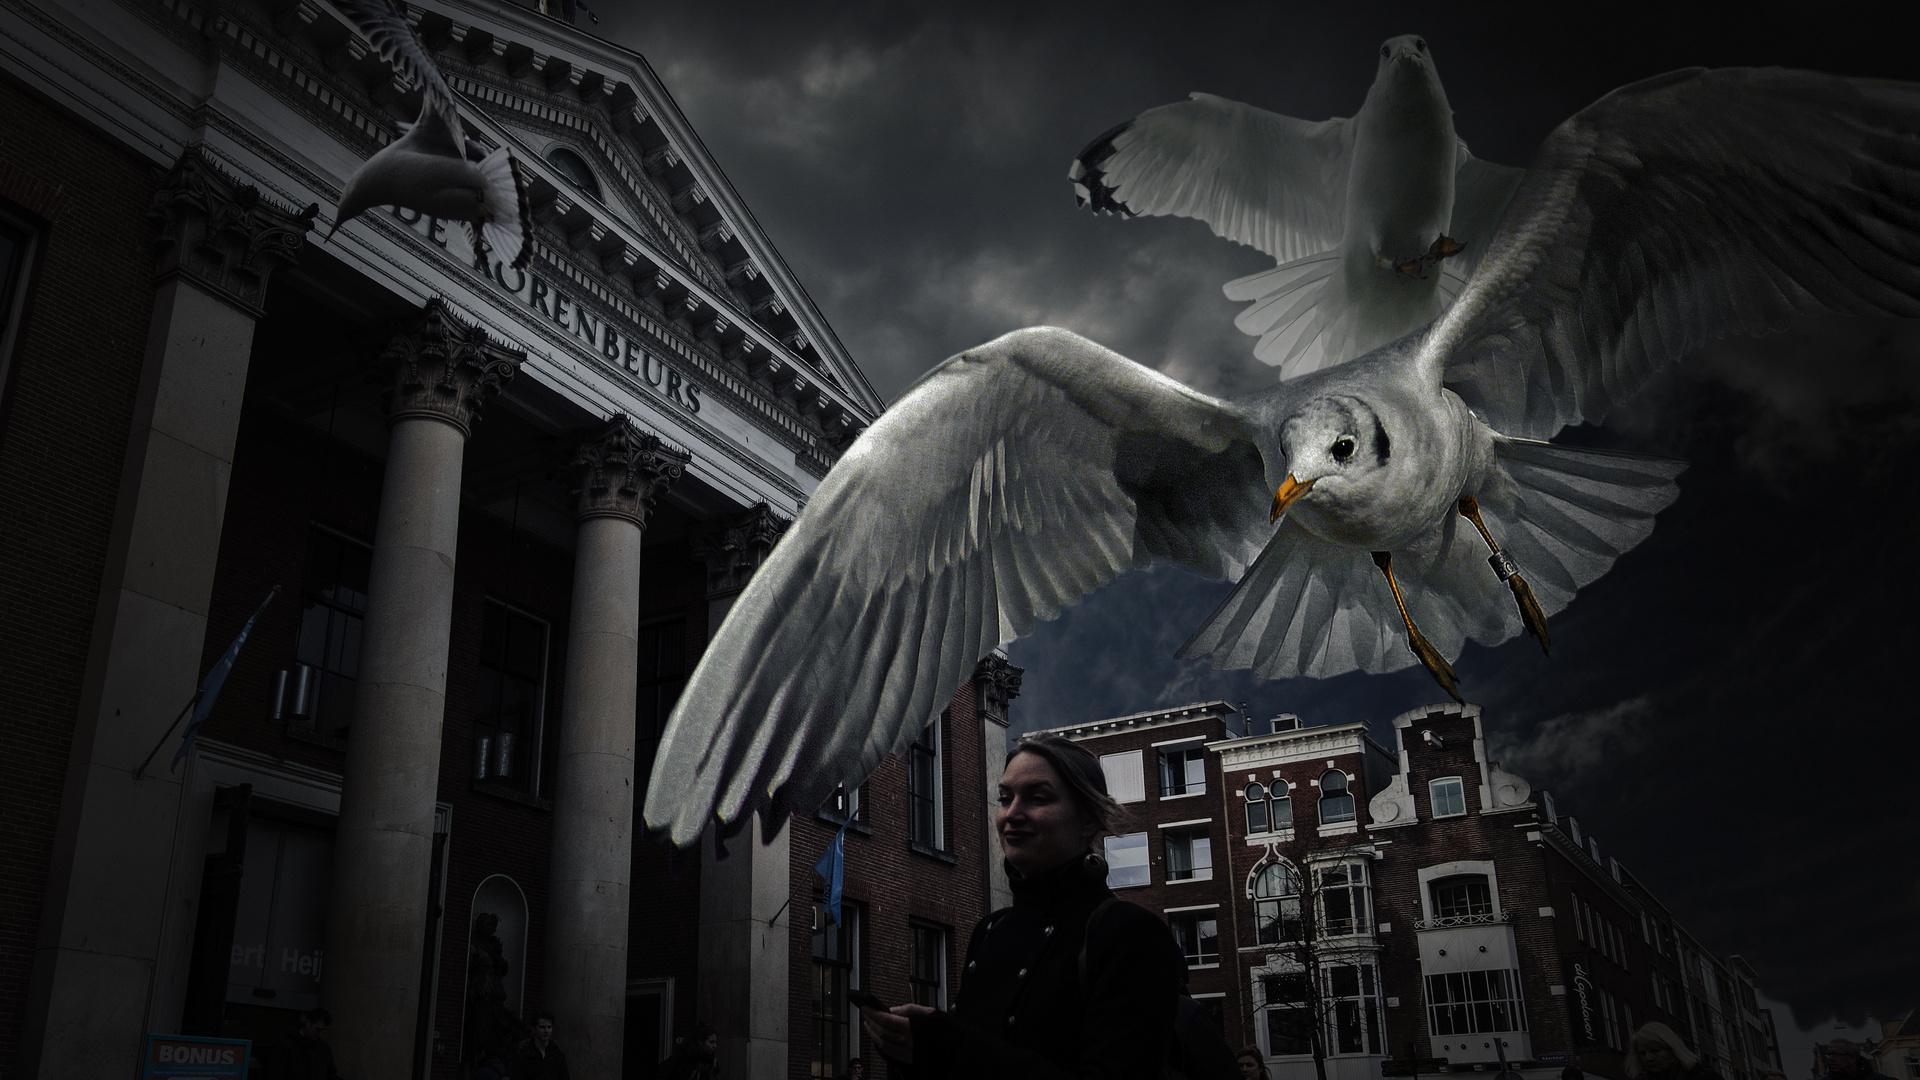 Seagull attacks